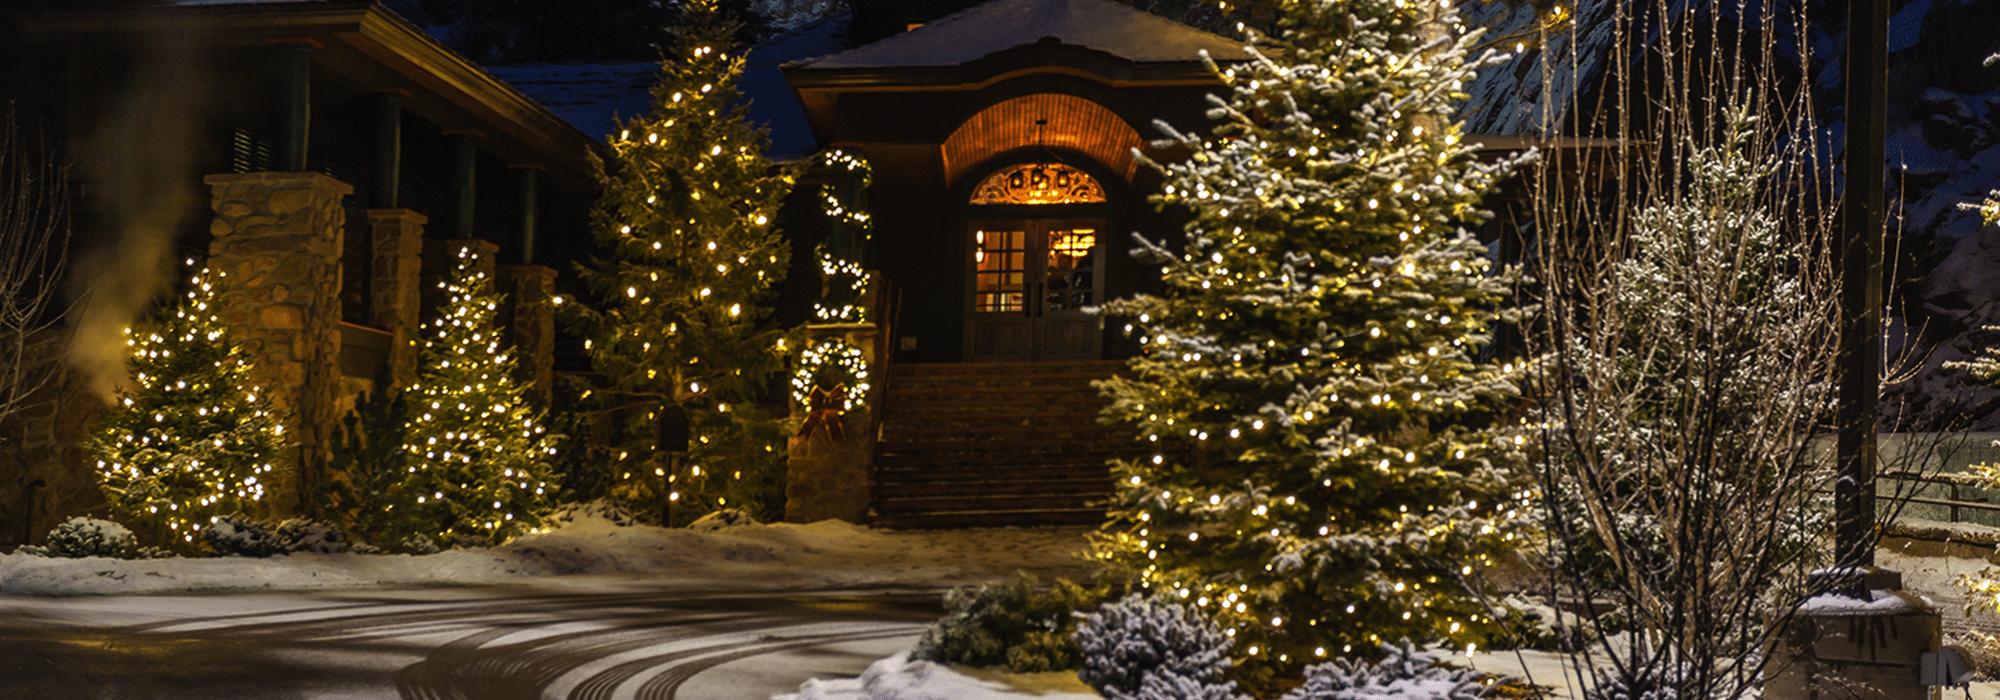 christmas lights, etc